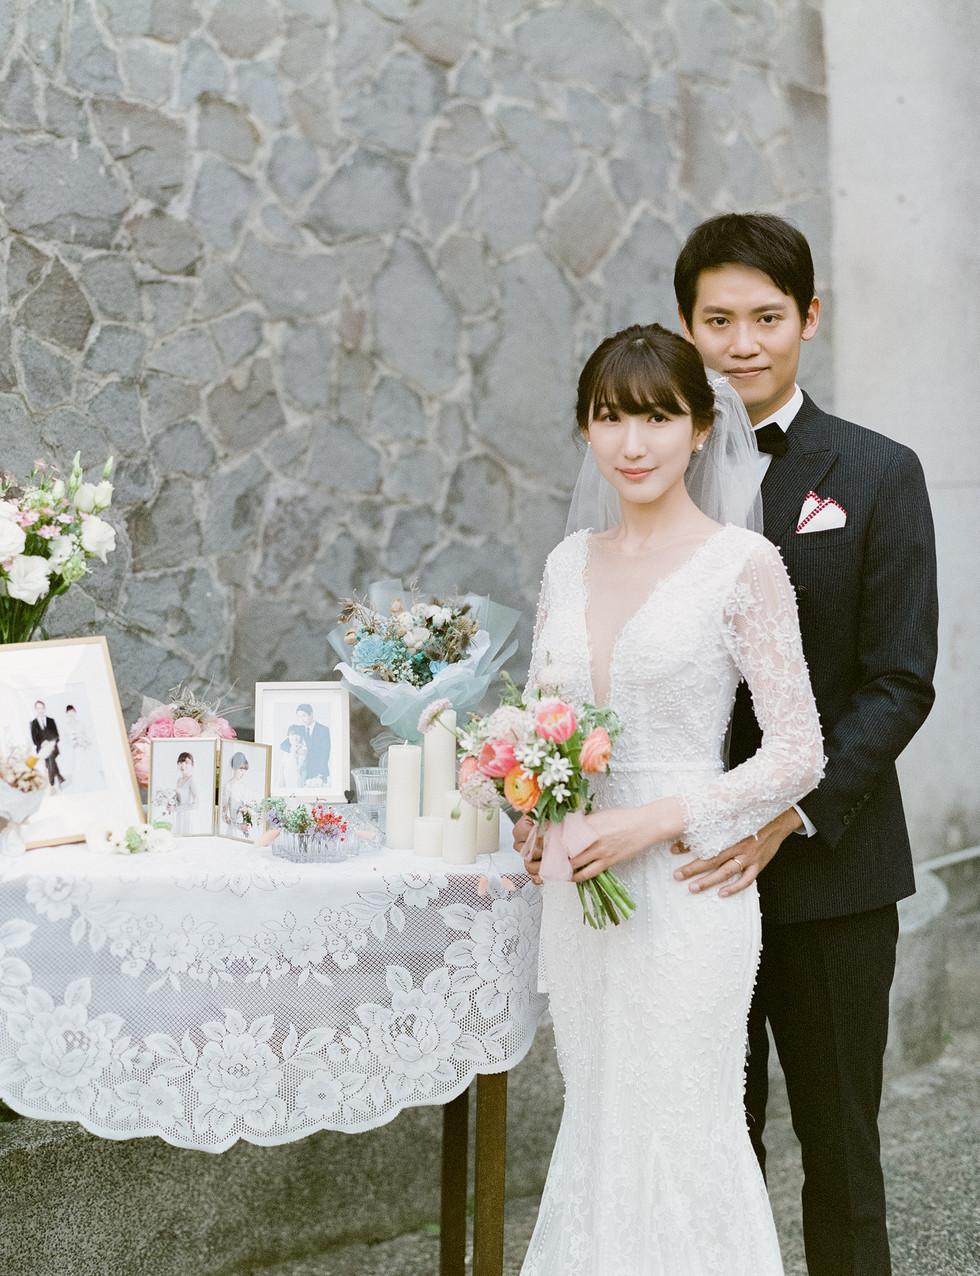 銘恩 羿璇 婚禮底片-4 小圖.jpg